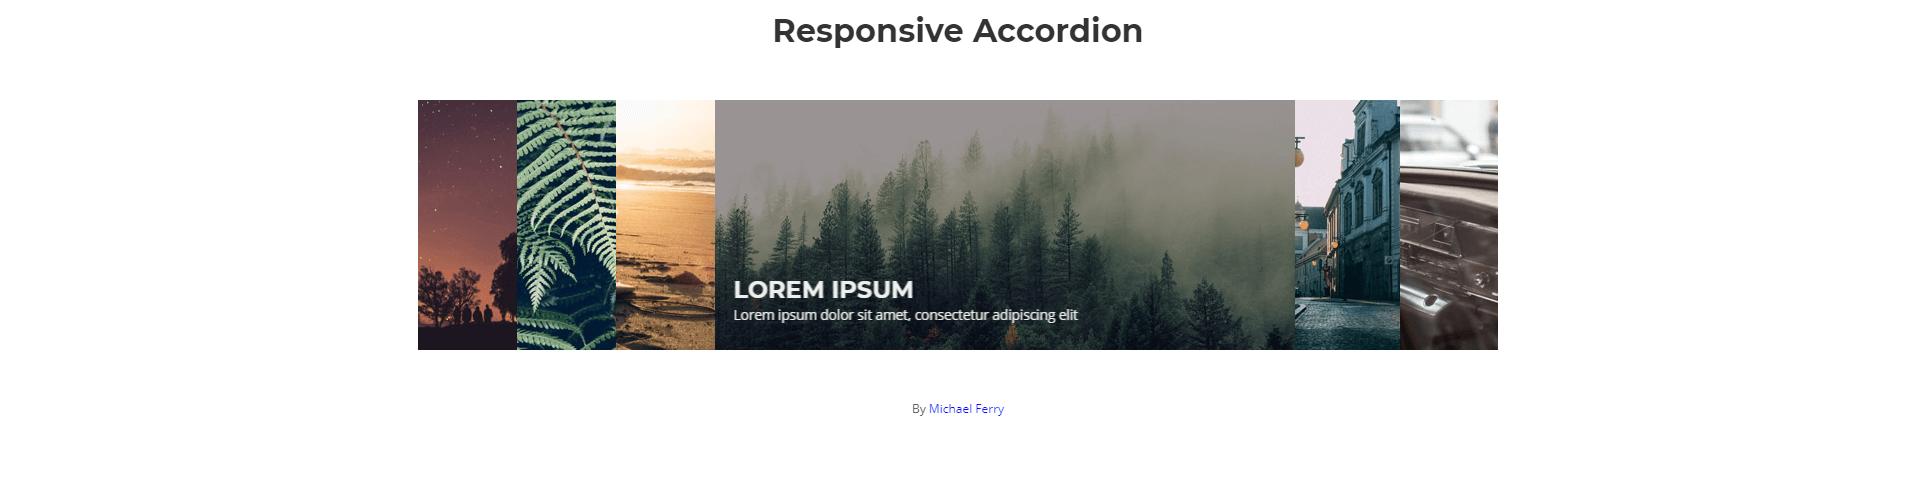 Accordion xây dựng bằng HTML, CSS và Javascript Phần 5